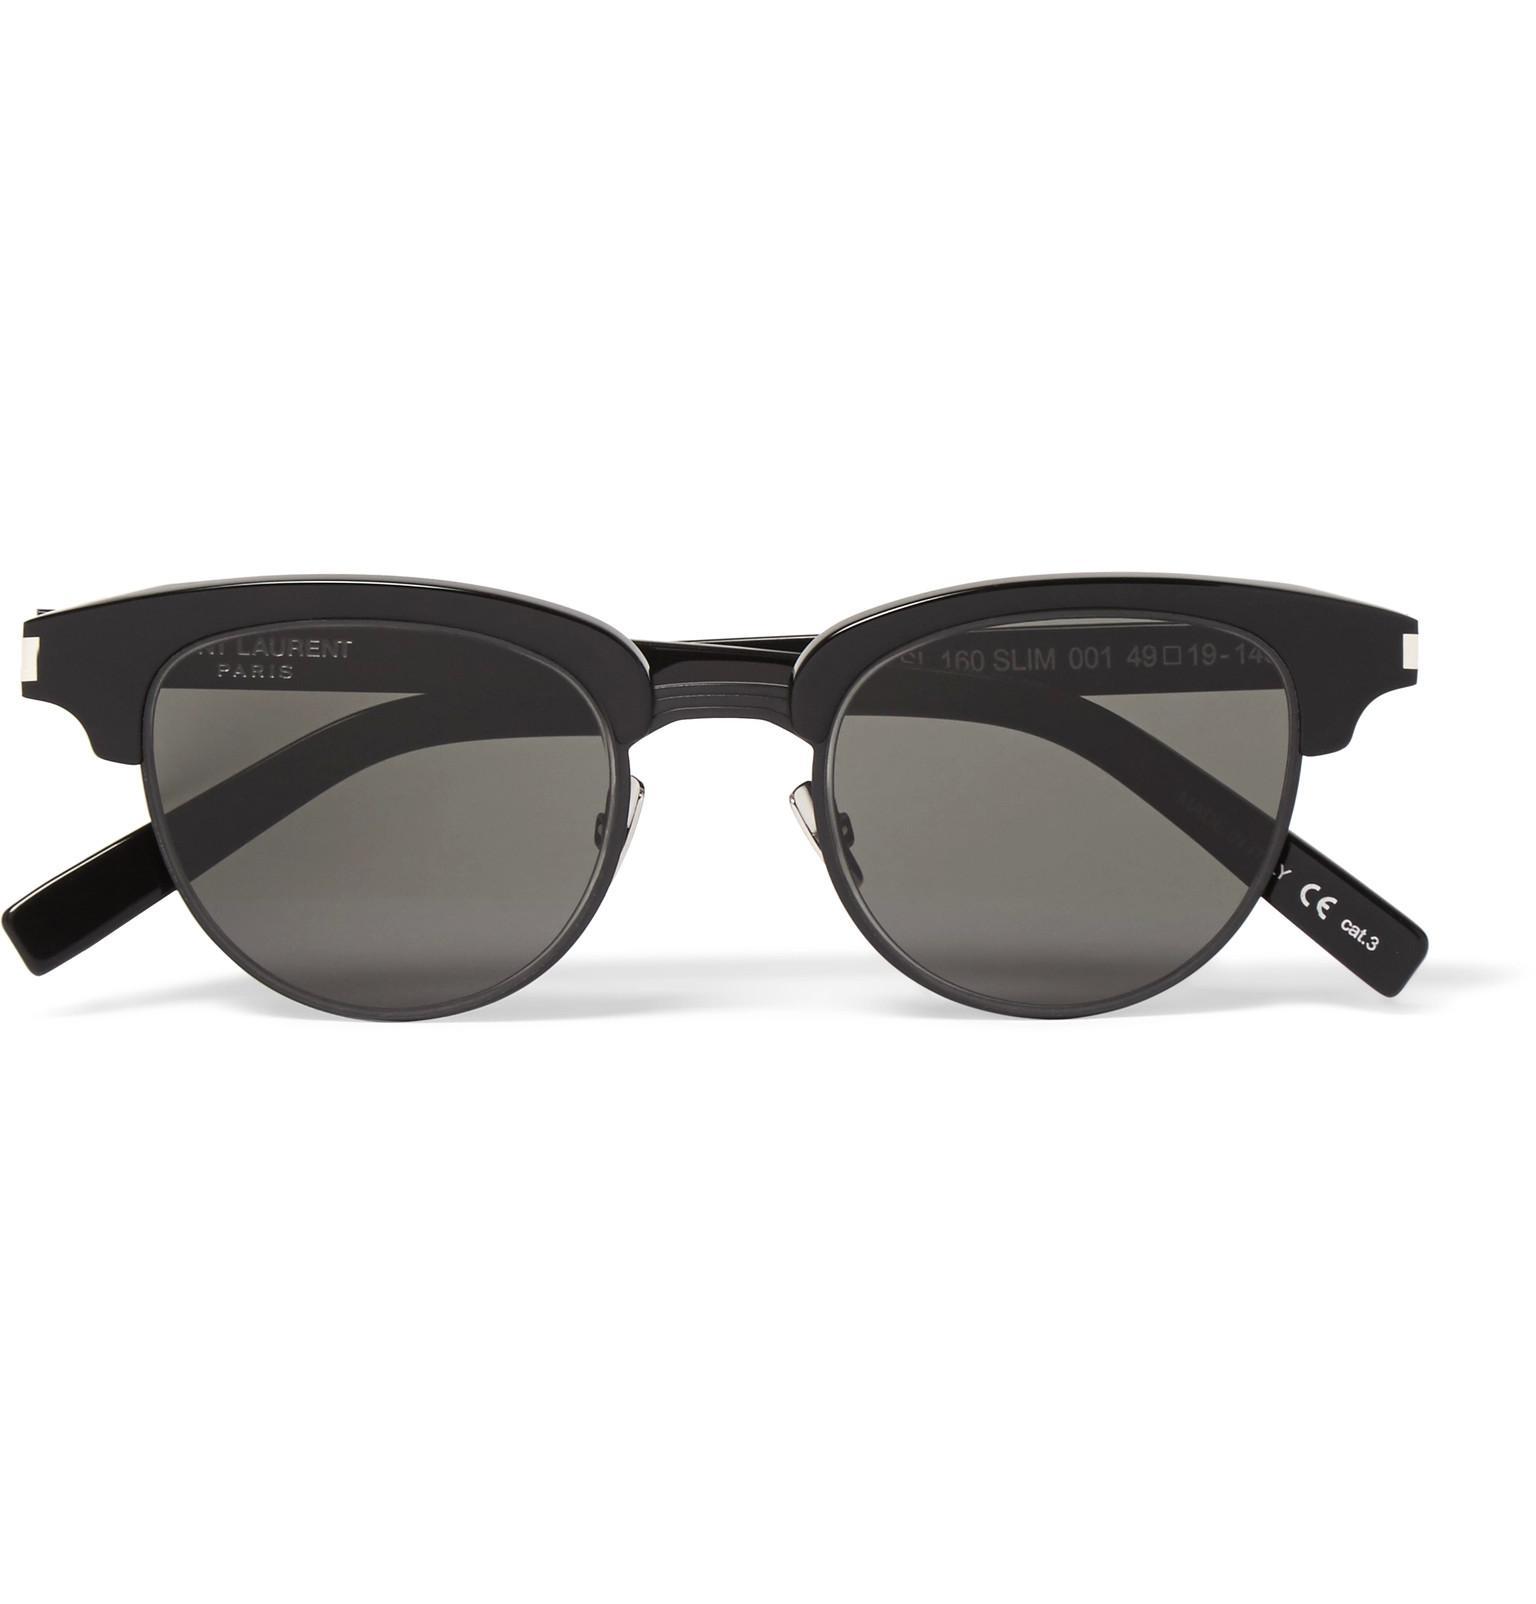 a3a4da1a5e17 Lyst - Saint Laurent D-frame Acetate And Gunmetal-tone Sunglasses in ...